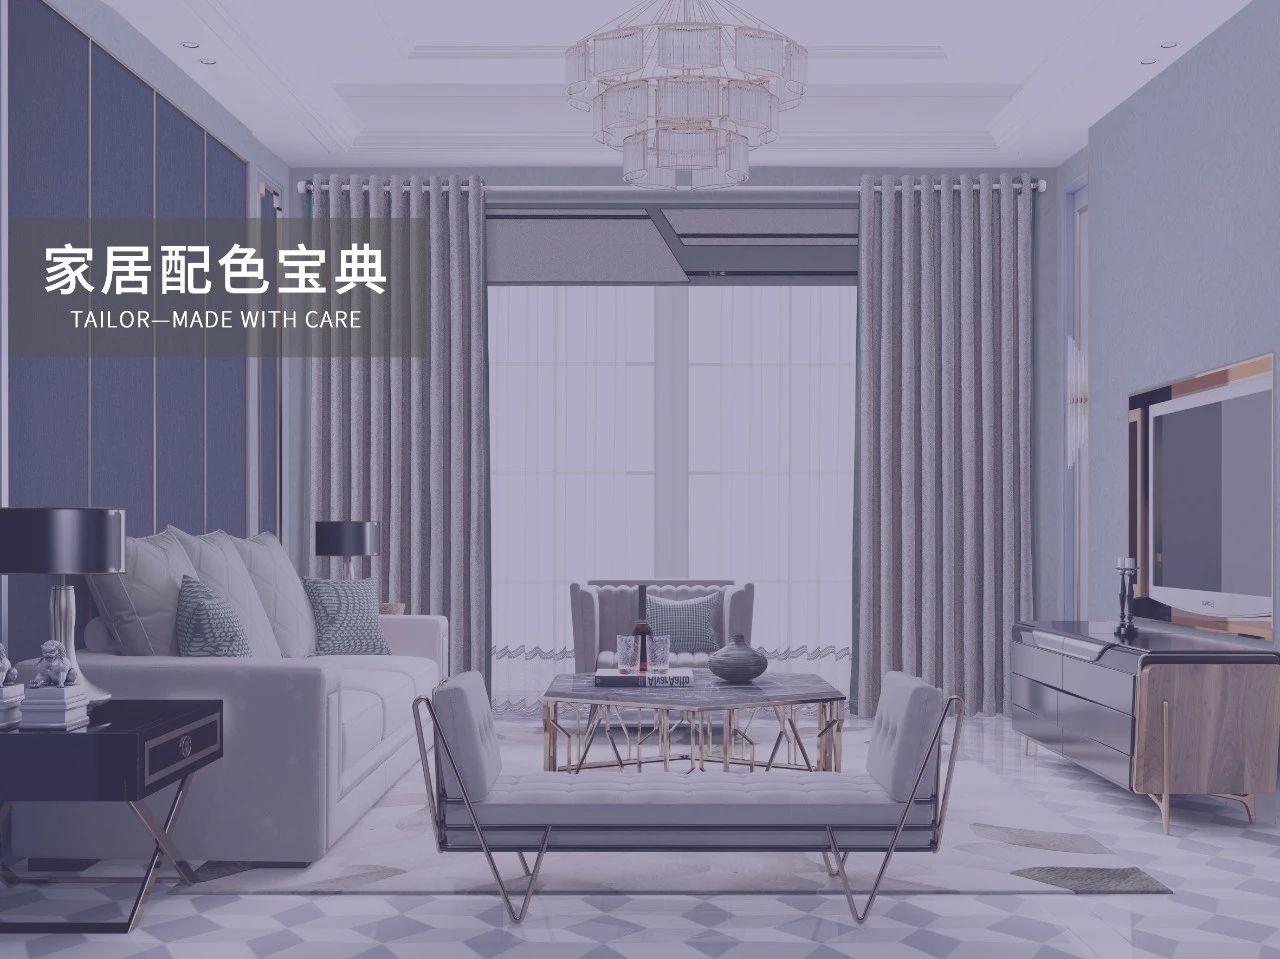 RMB色彩给雷竞技下载不了|raybet提现|雷竞技下载网址配色搭配,高级又浪漫